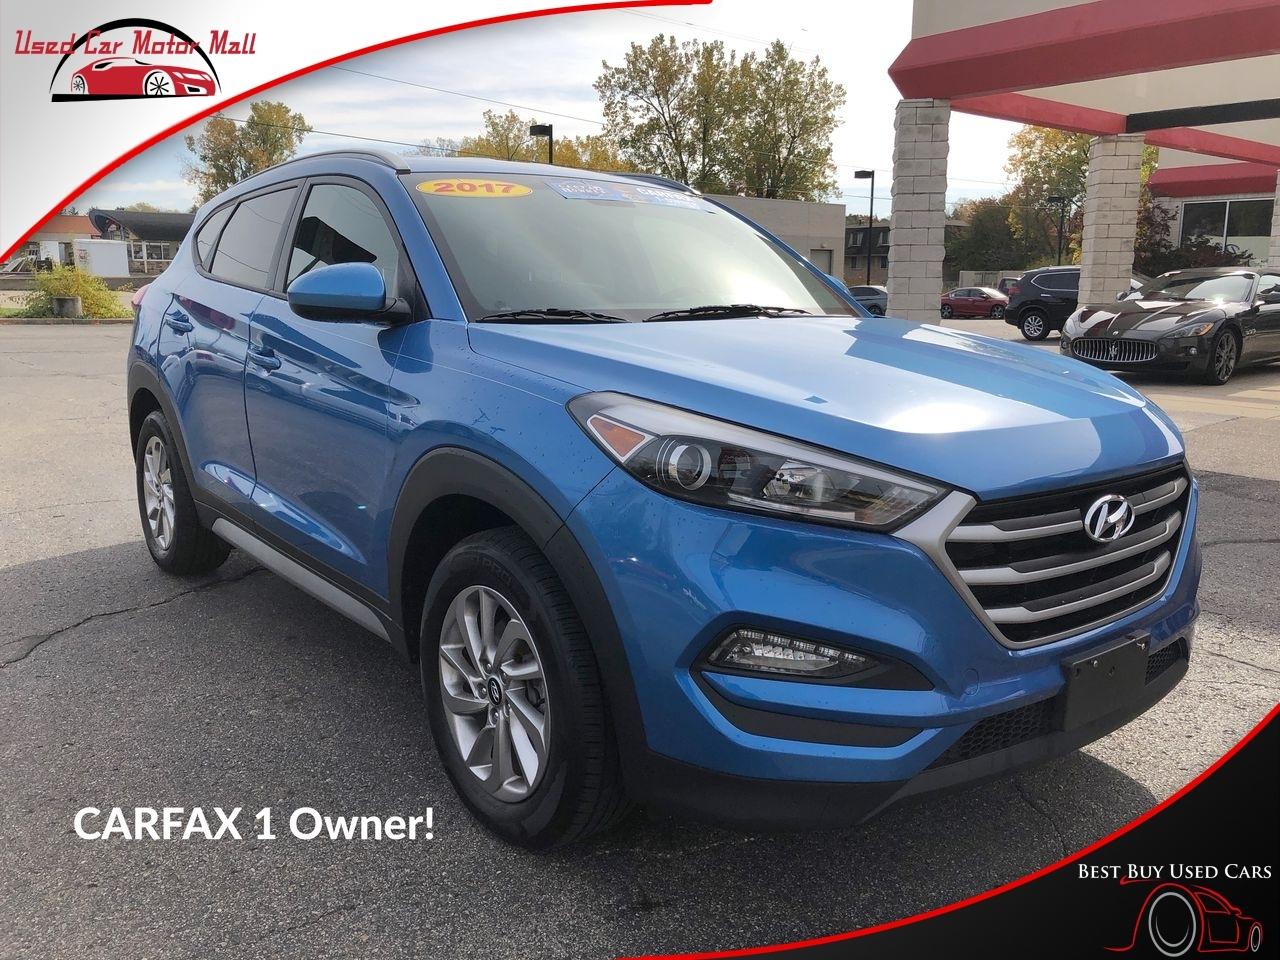 2017 Hyundai Tucson SE photo